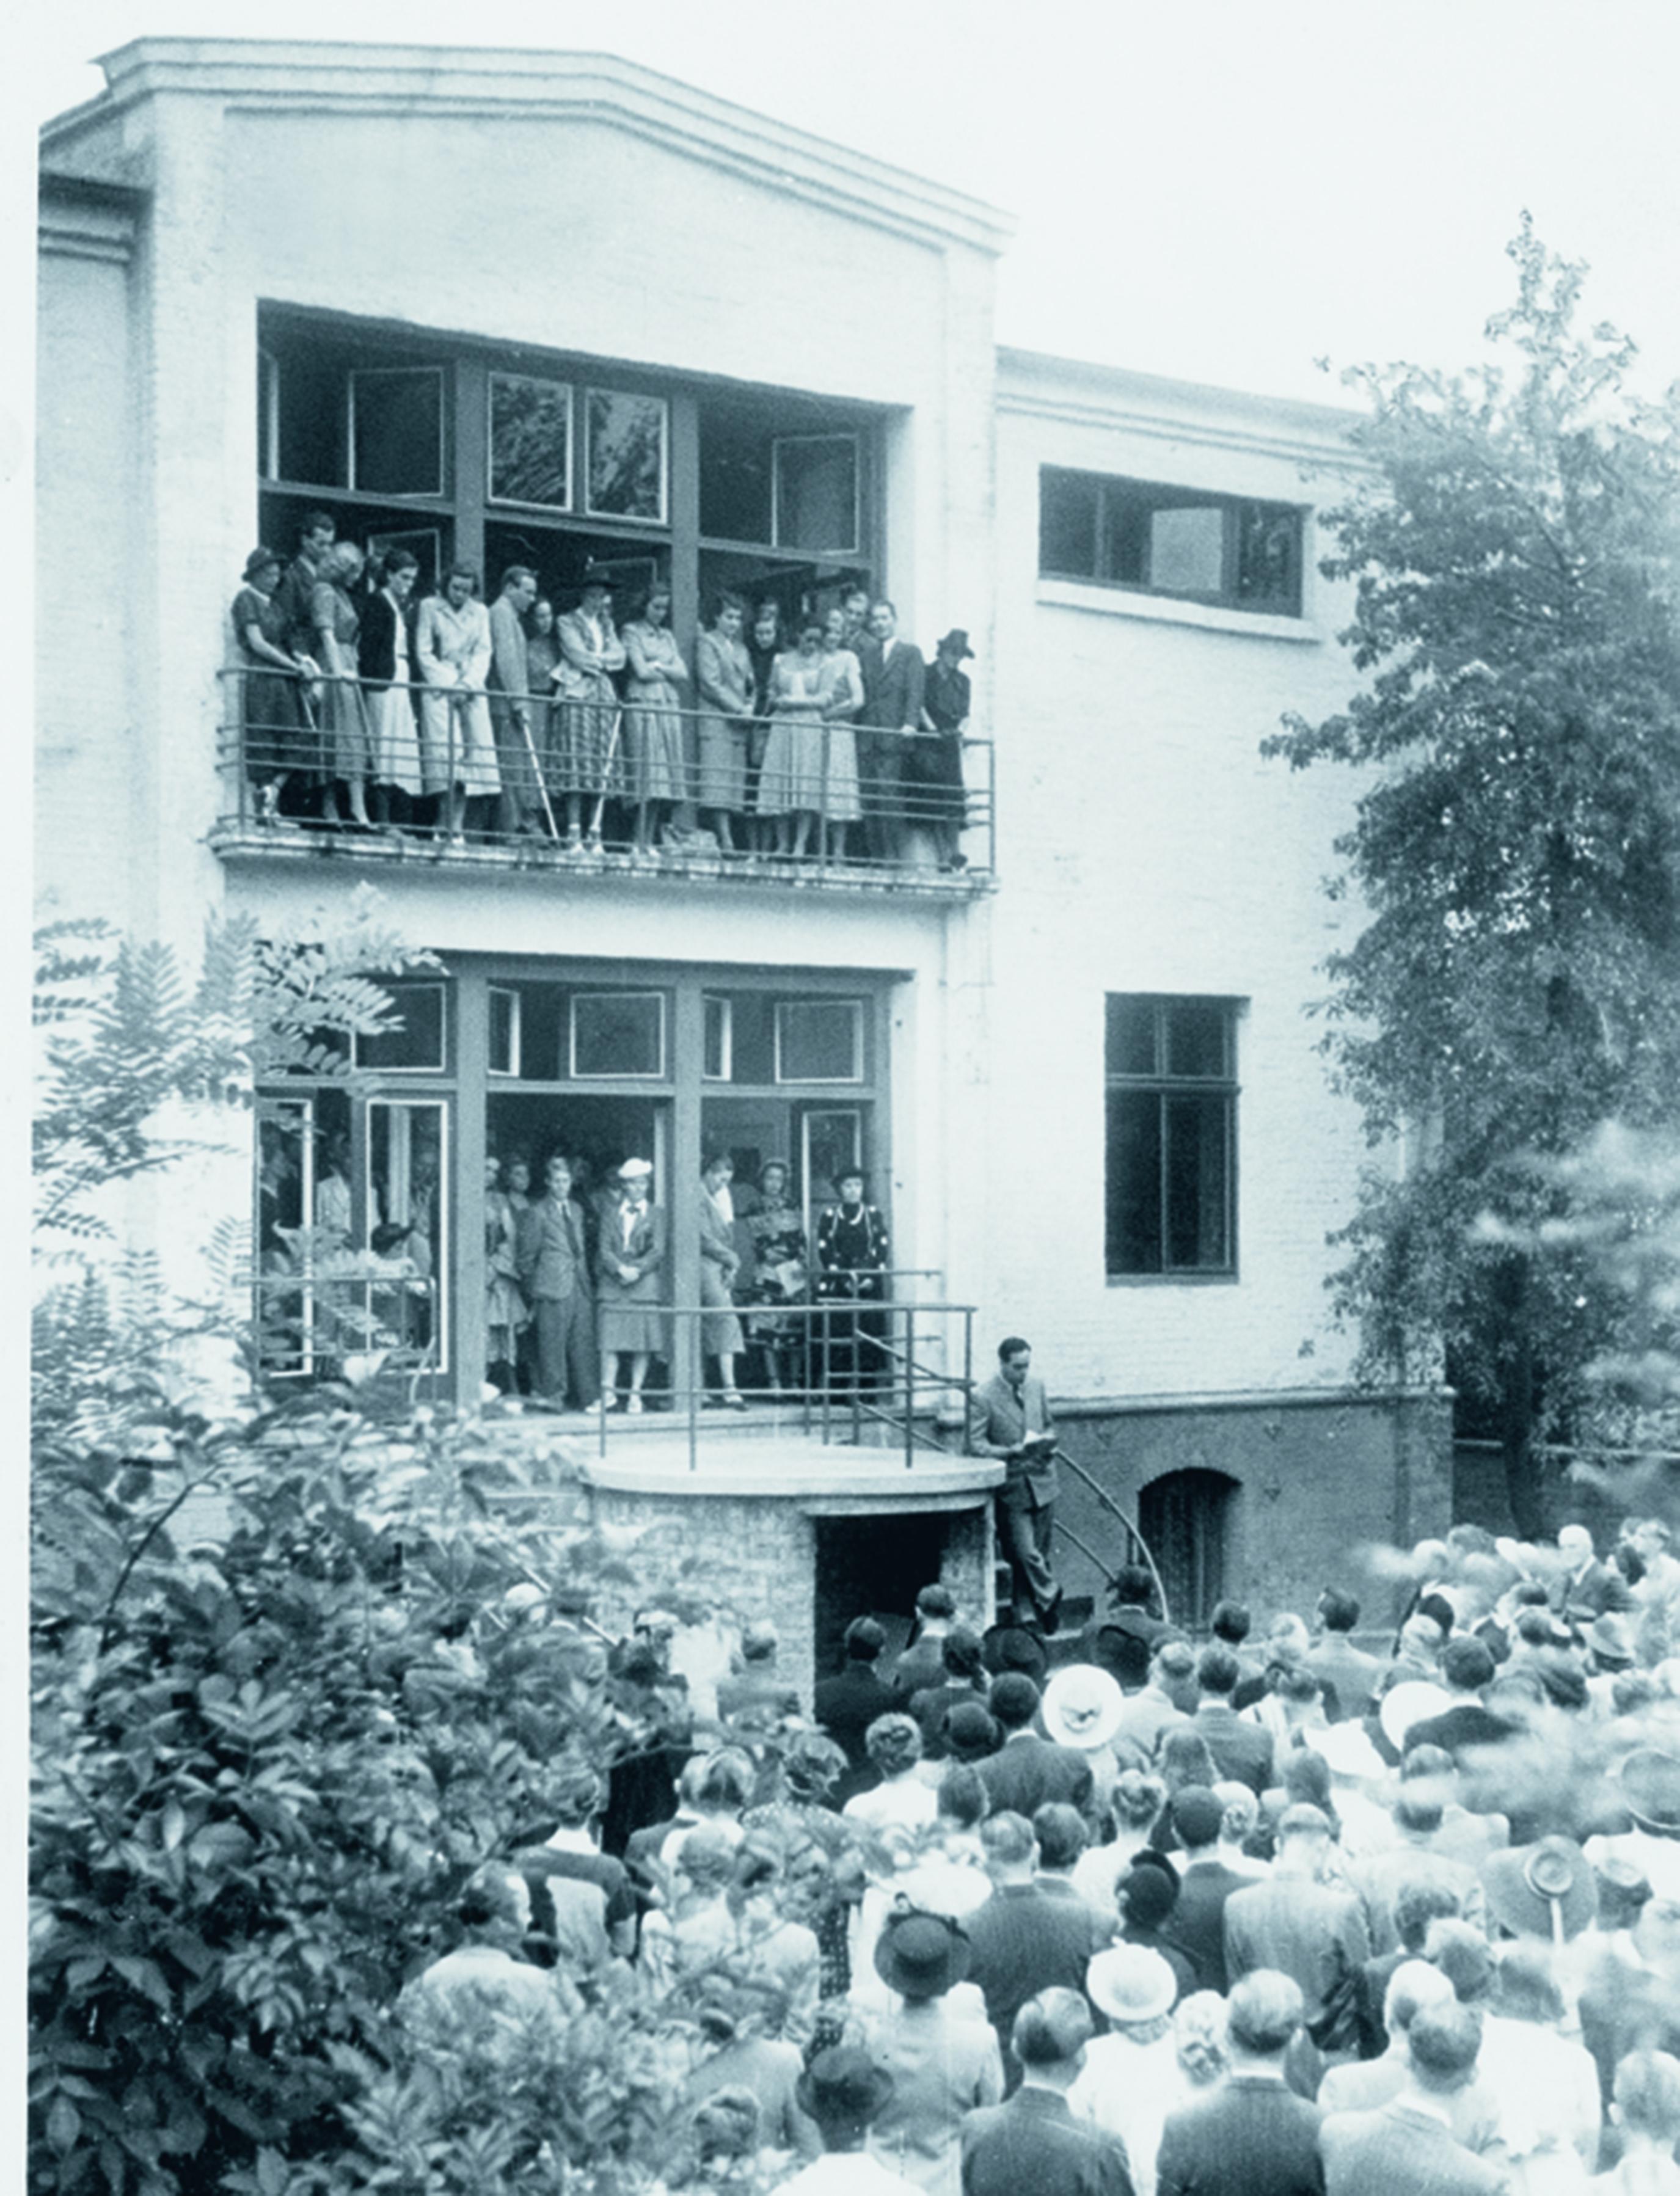 Eröffnung der Ausstellung Französische Malerei. Warmbüchenstraße 1949. Foto: kestnergesellschaft